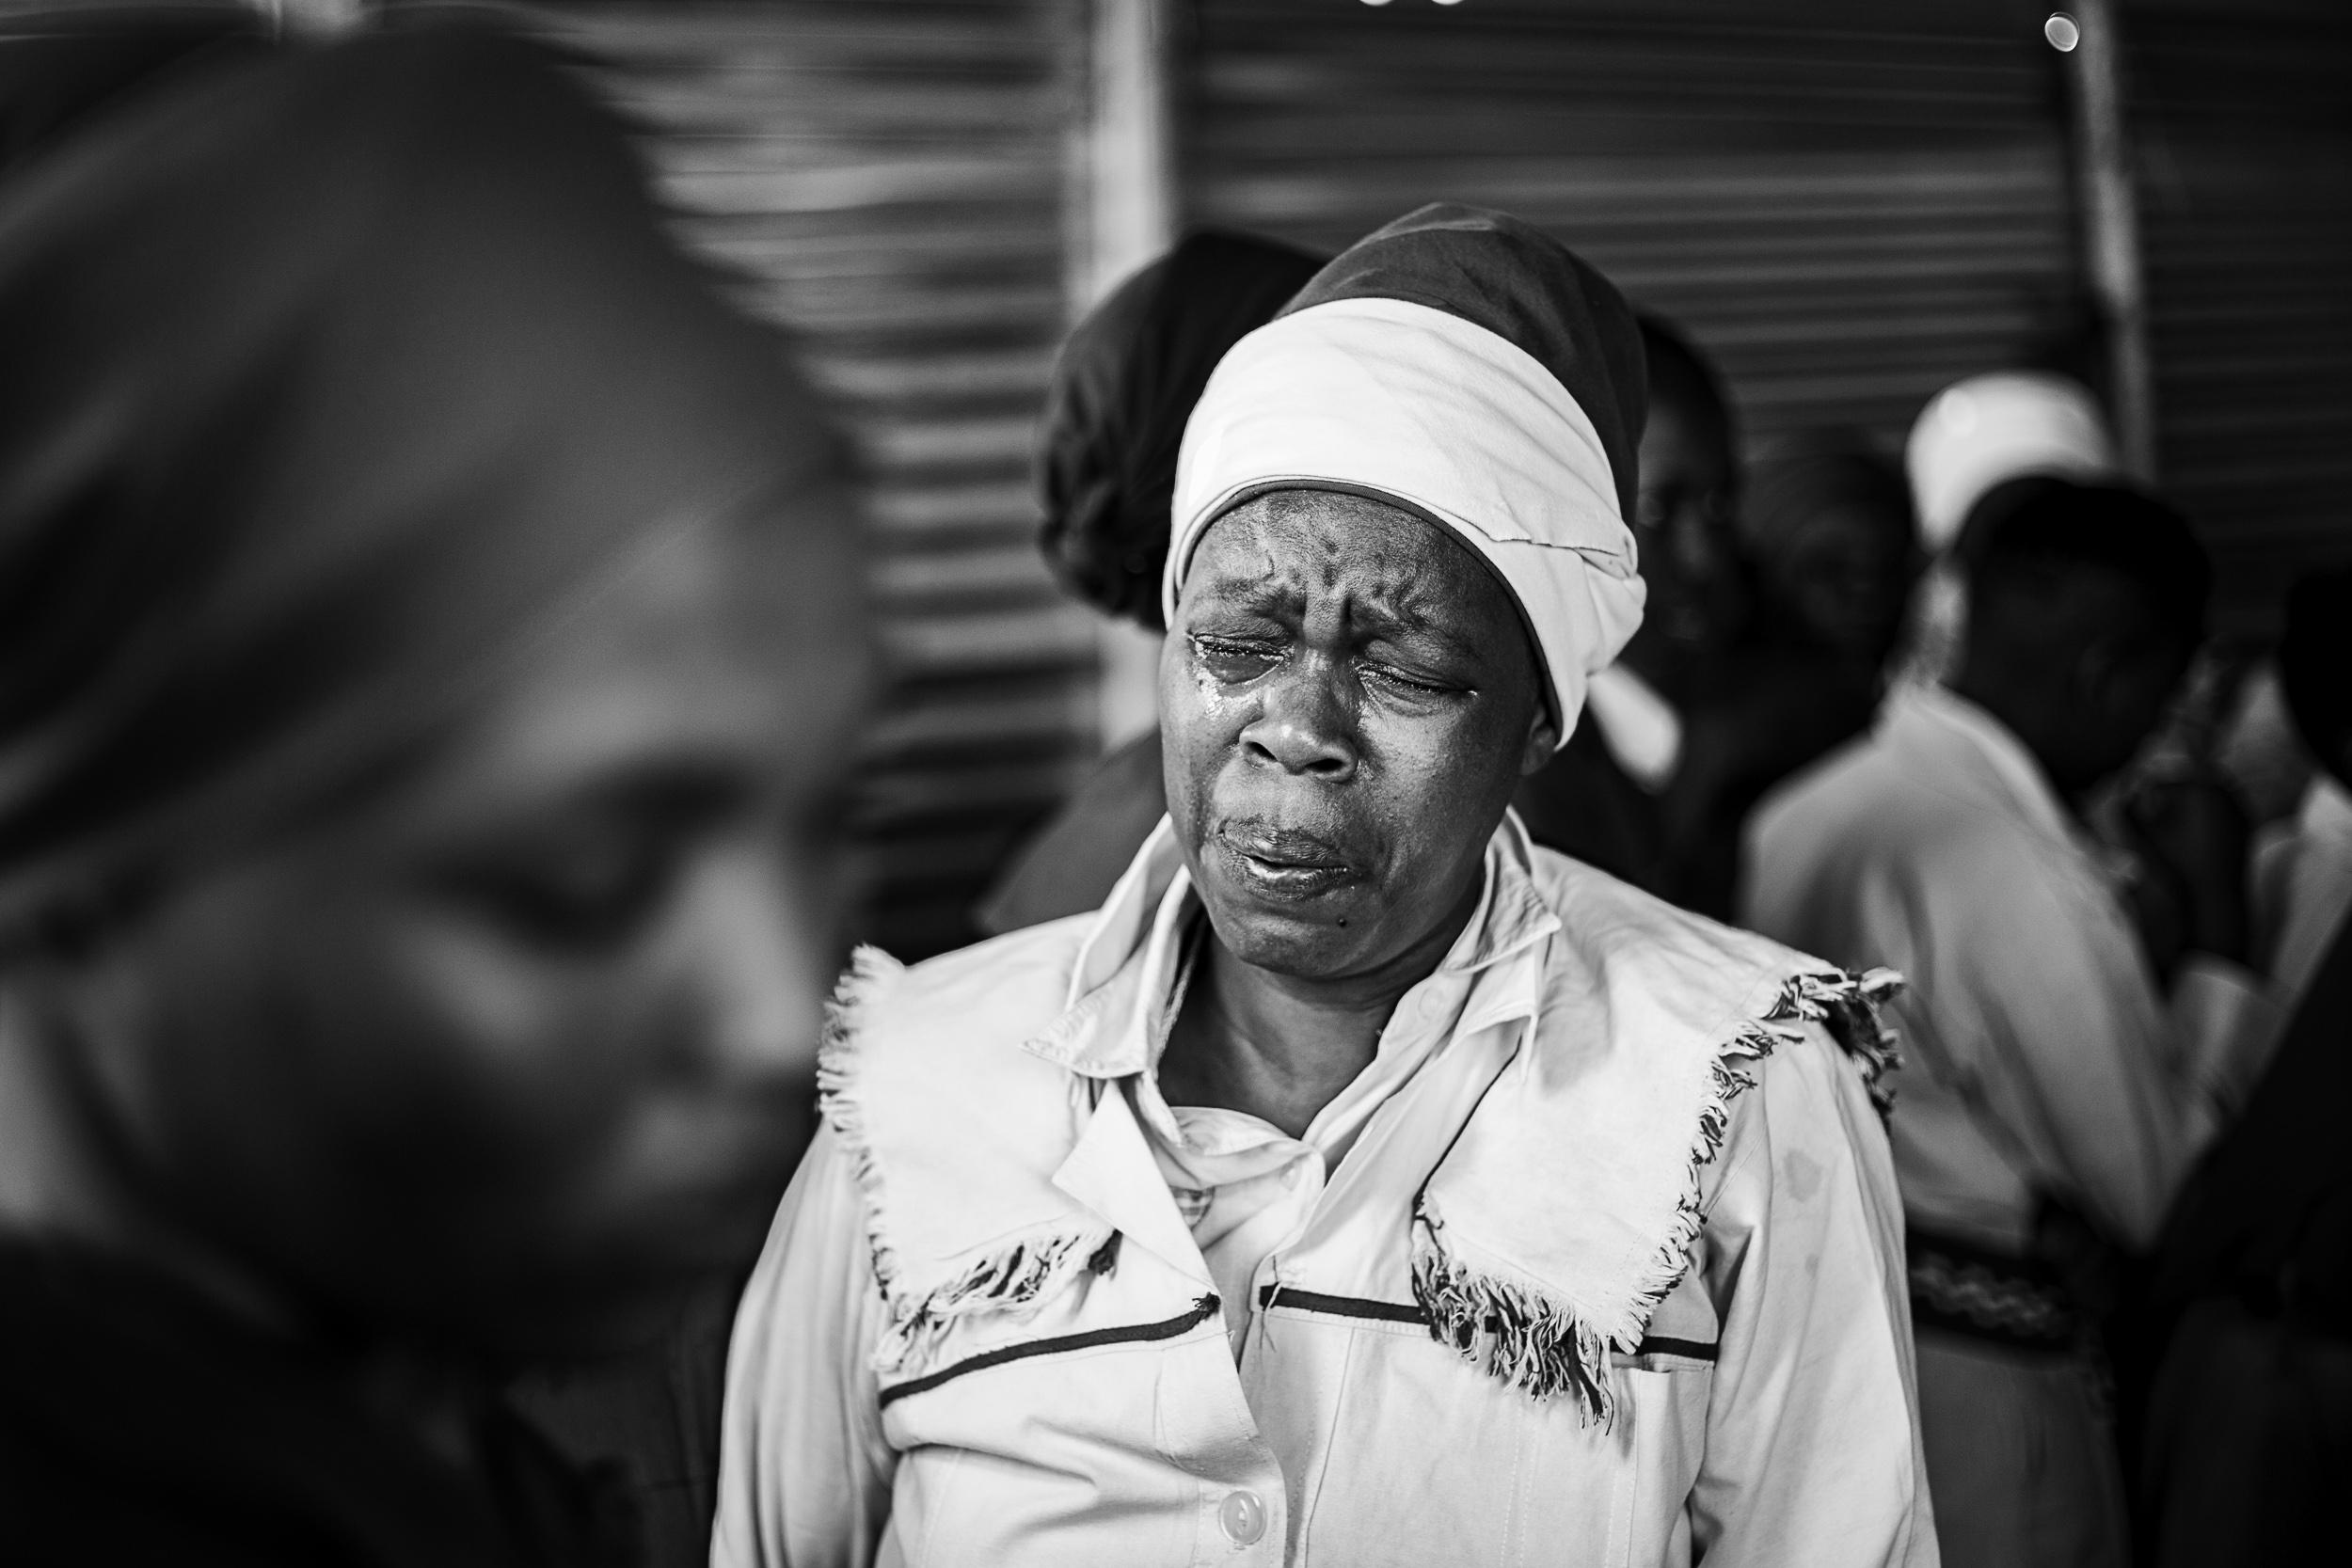 Undated: Yehla Moya Oyingcwele II – A women in a trance-like state during a prayer session at Ukuphila KwamaKrestu.